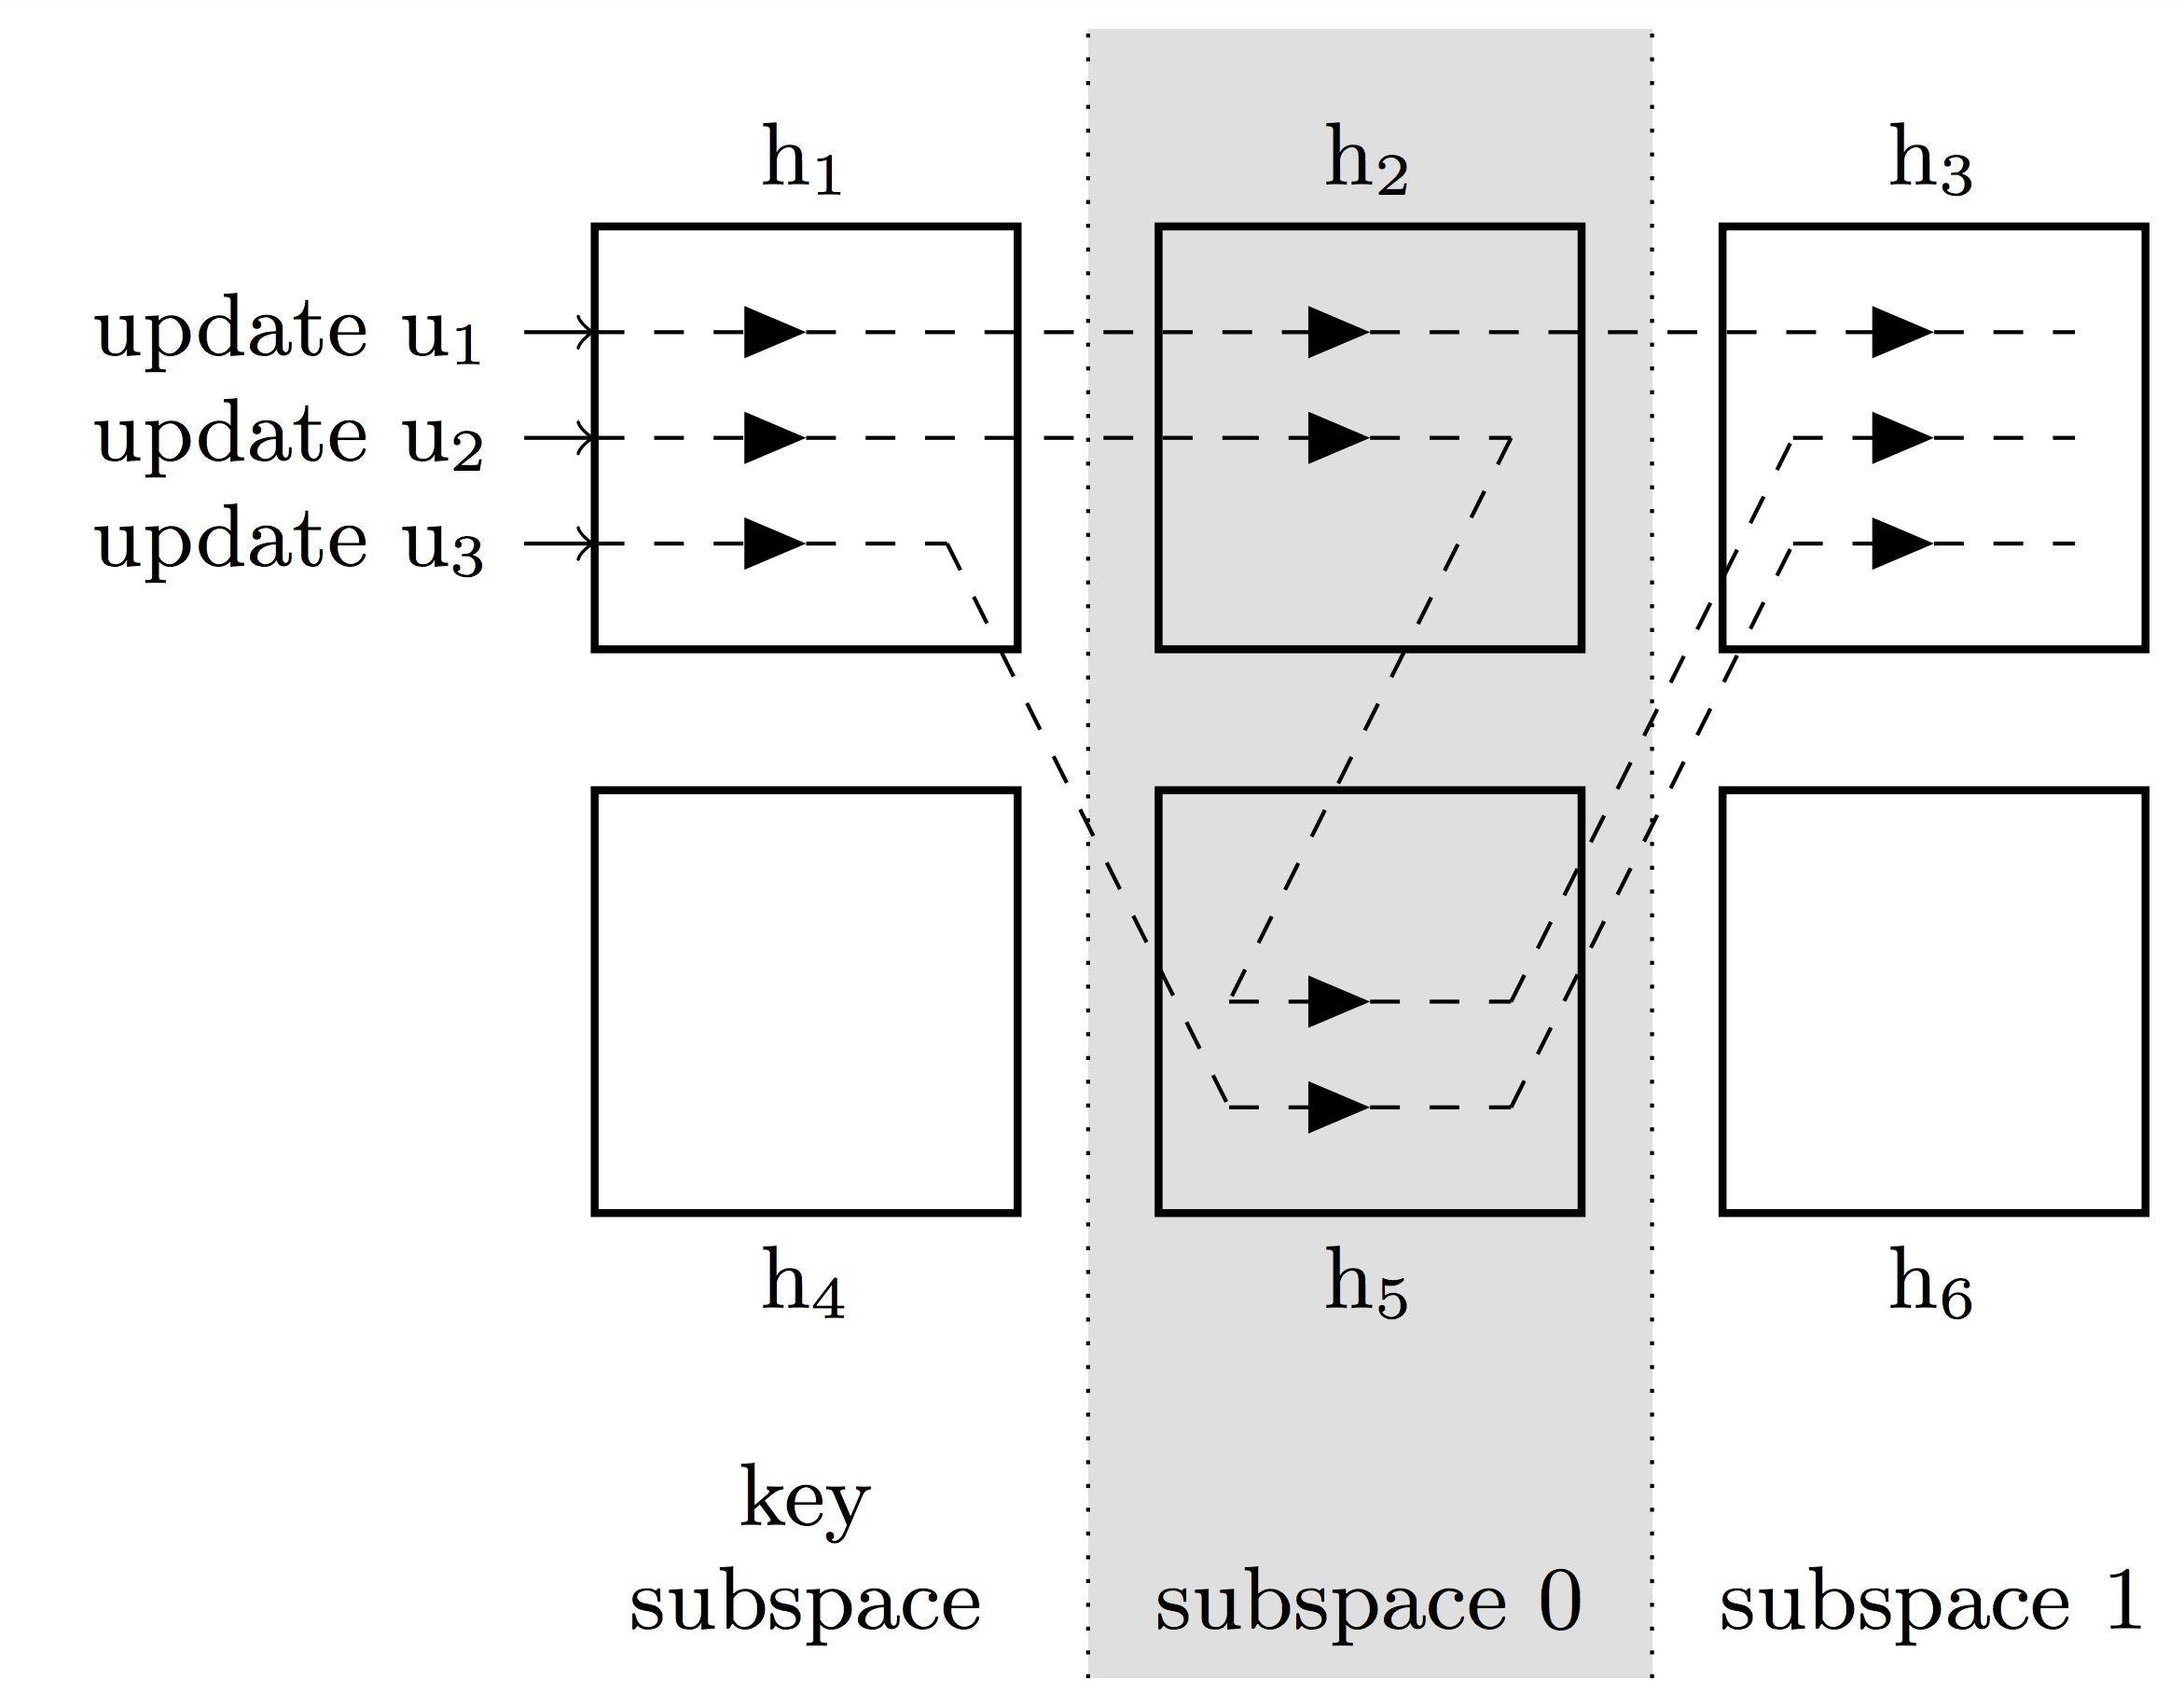 Chain replication: построение эффективного KV-хранилища (часть 2-2) - 19